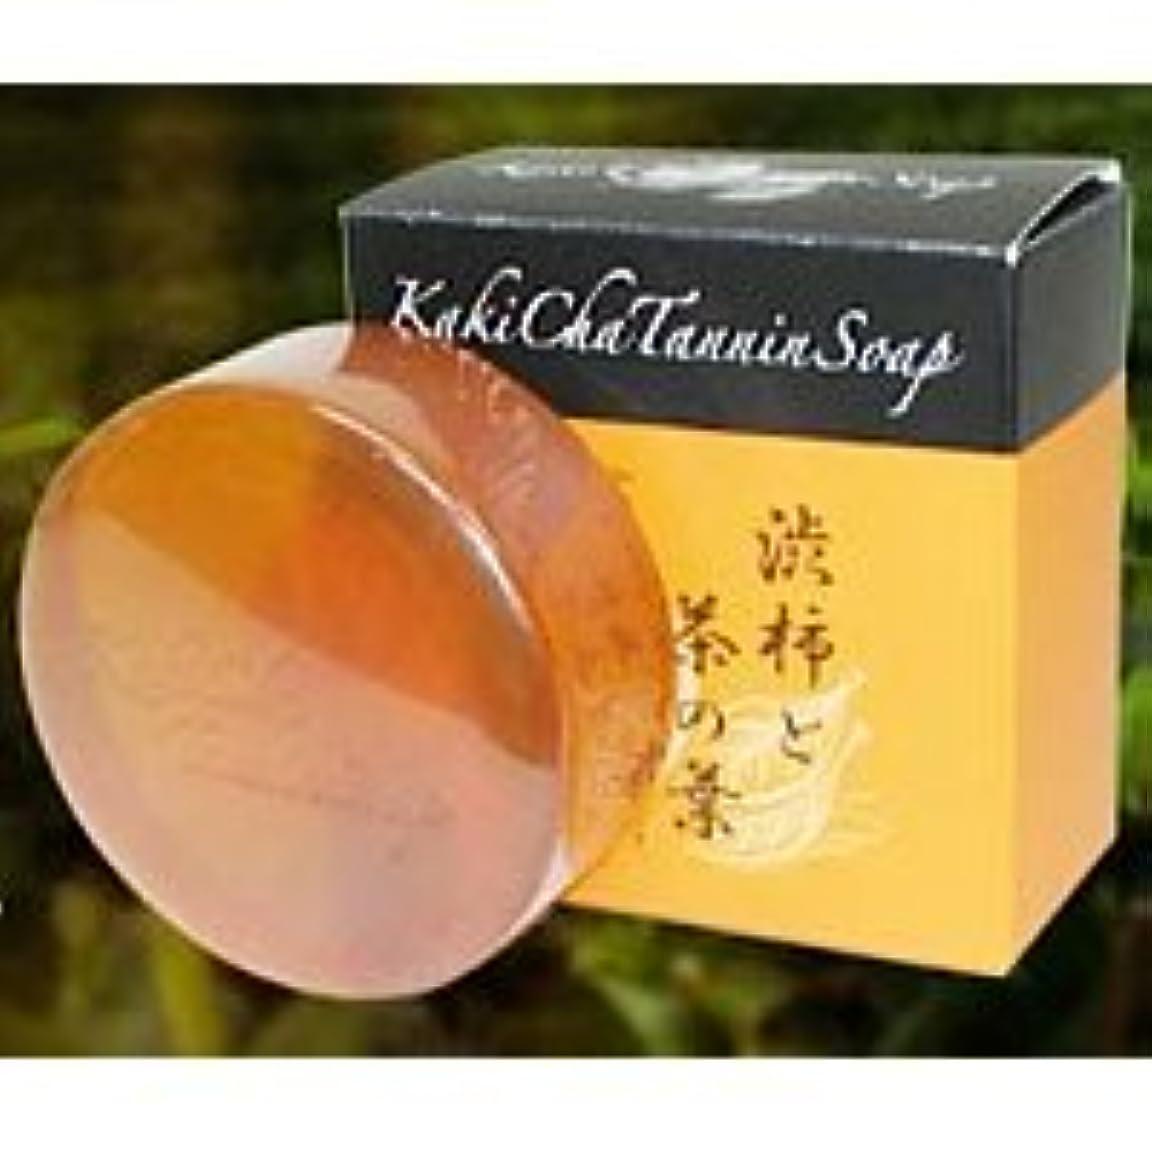 受賞累積測定可能カキチャタンニンソープ 安心の日本製 カキチャタンニンソープ (マイルドクリアソープ) カキチャ タンニンソープ 柿渋ソープ